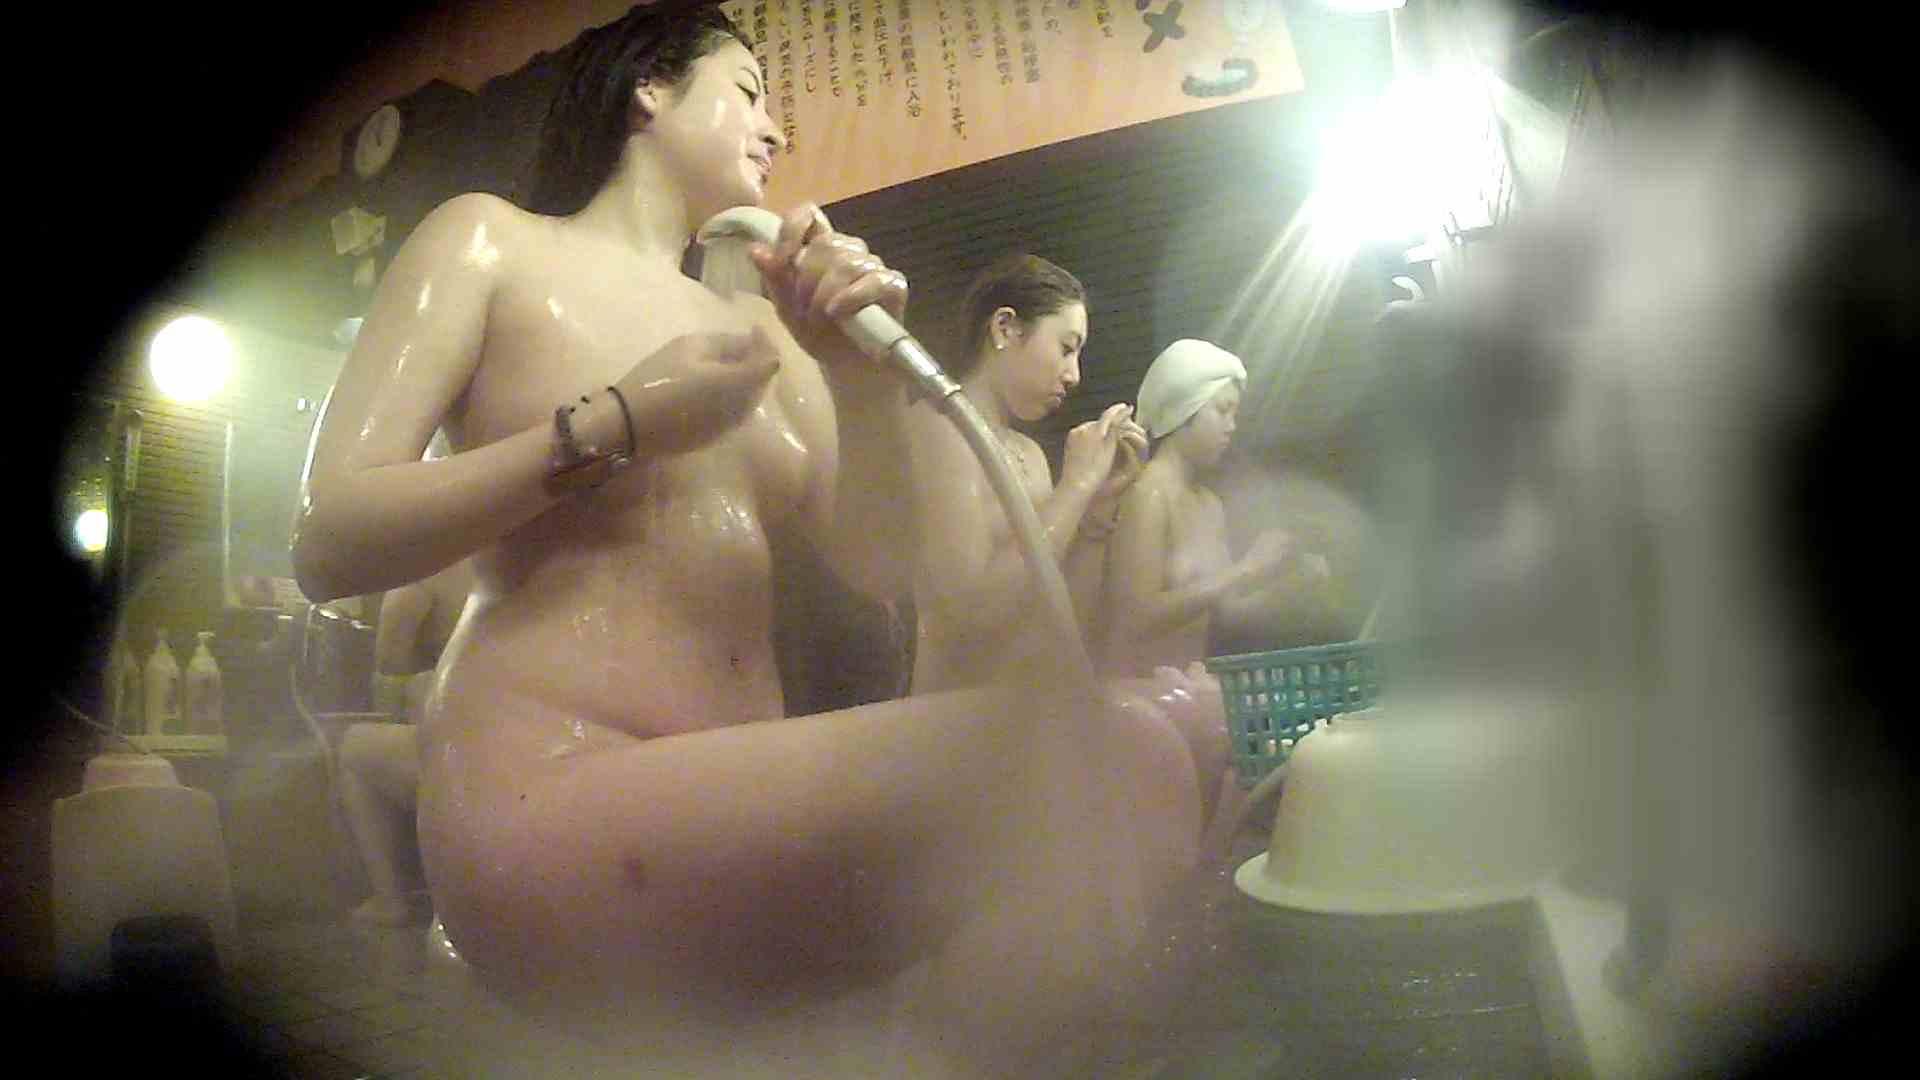 洗い場!お二人とも清楚でお美しいでございます。 銭湯   潜入エロ調査  76連発 26